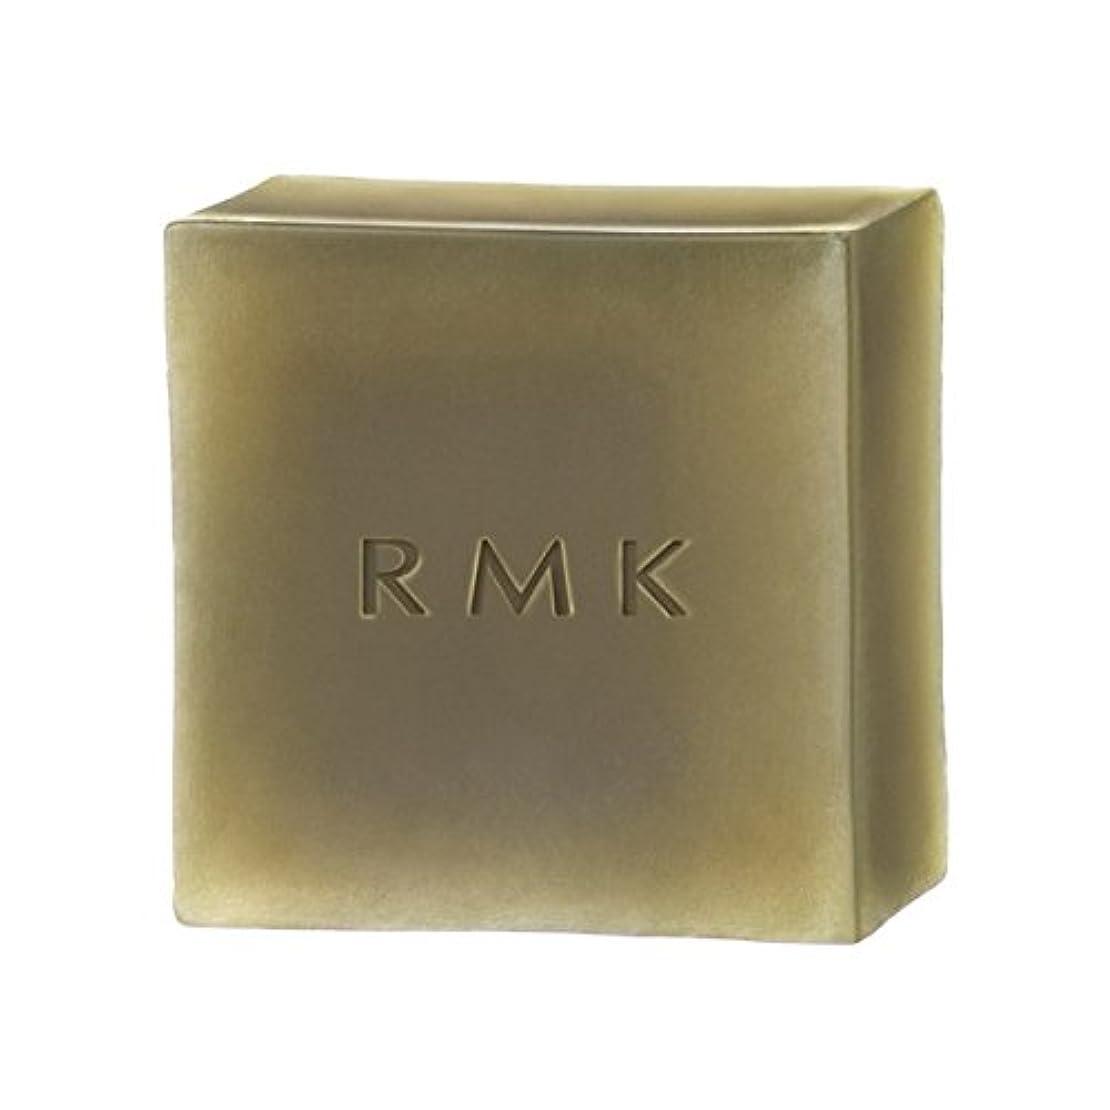 阻害する瞳理想的RMK(アールエムケー) スムース ソープバー 130g